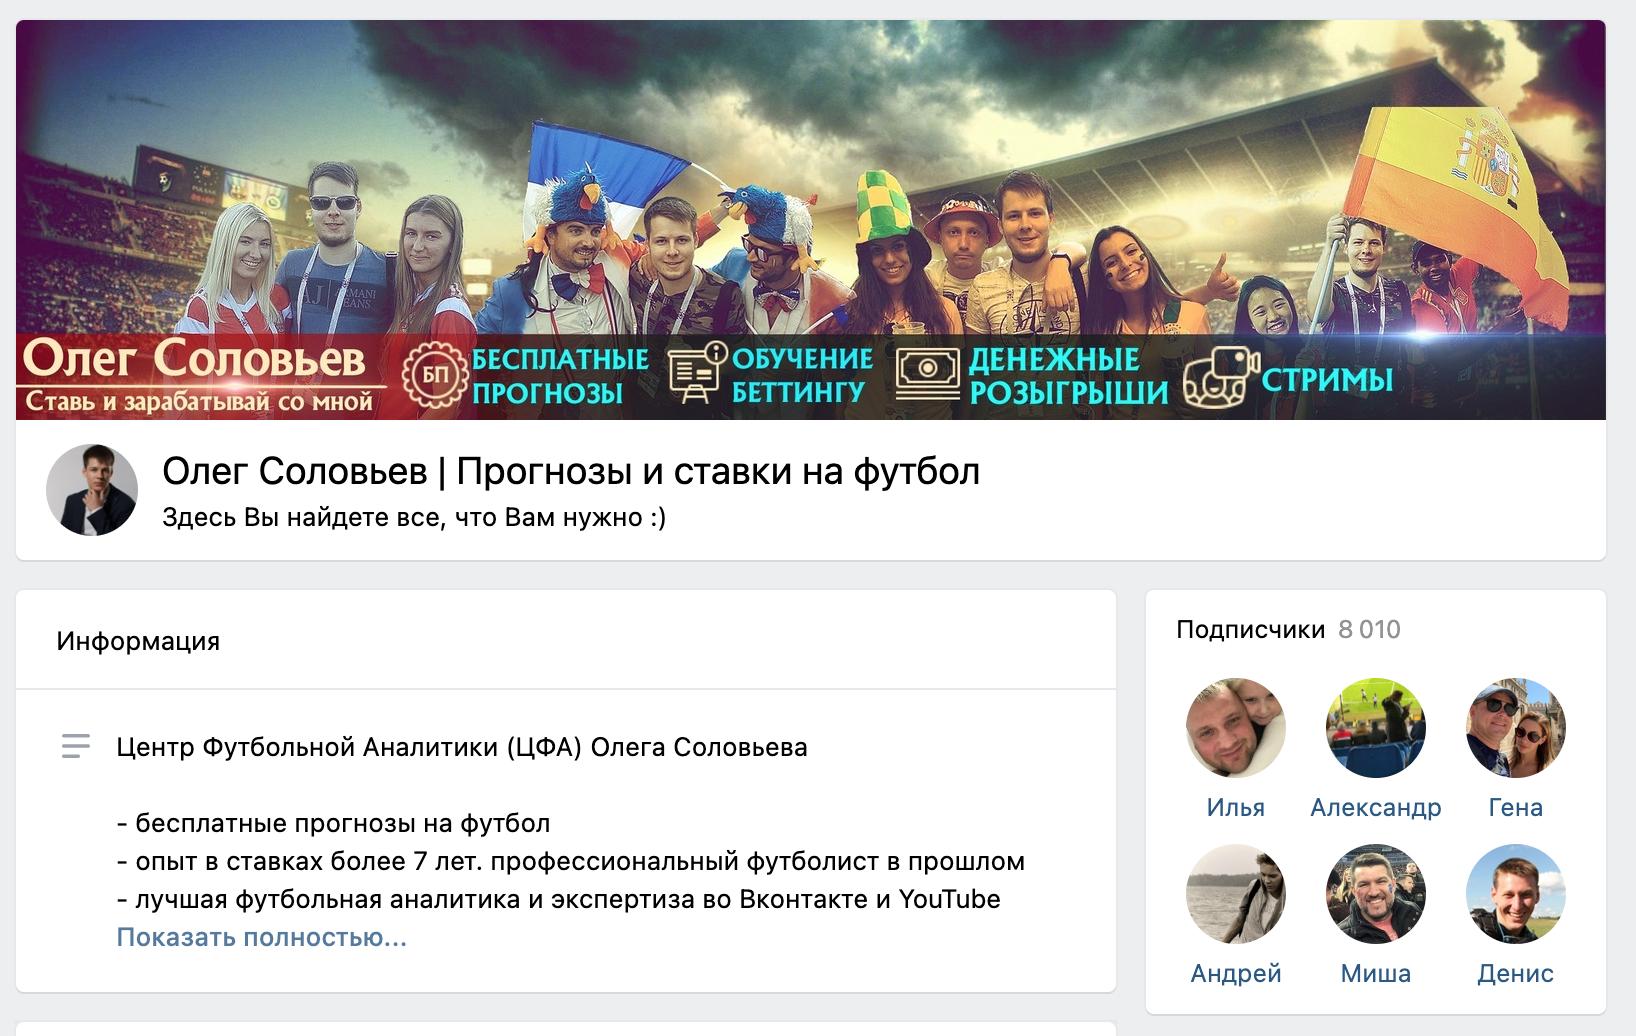 Официальная группа ВК Олега Соловьева